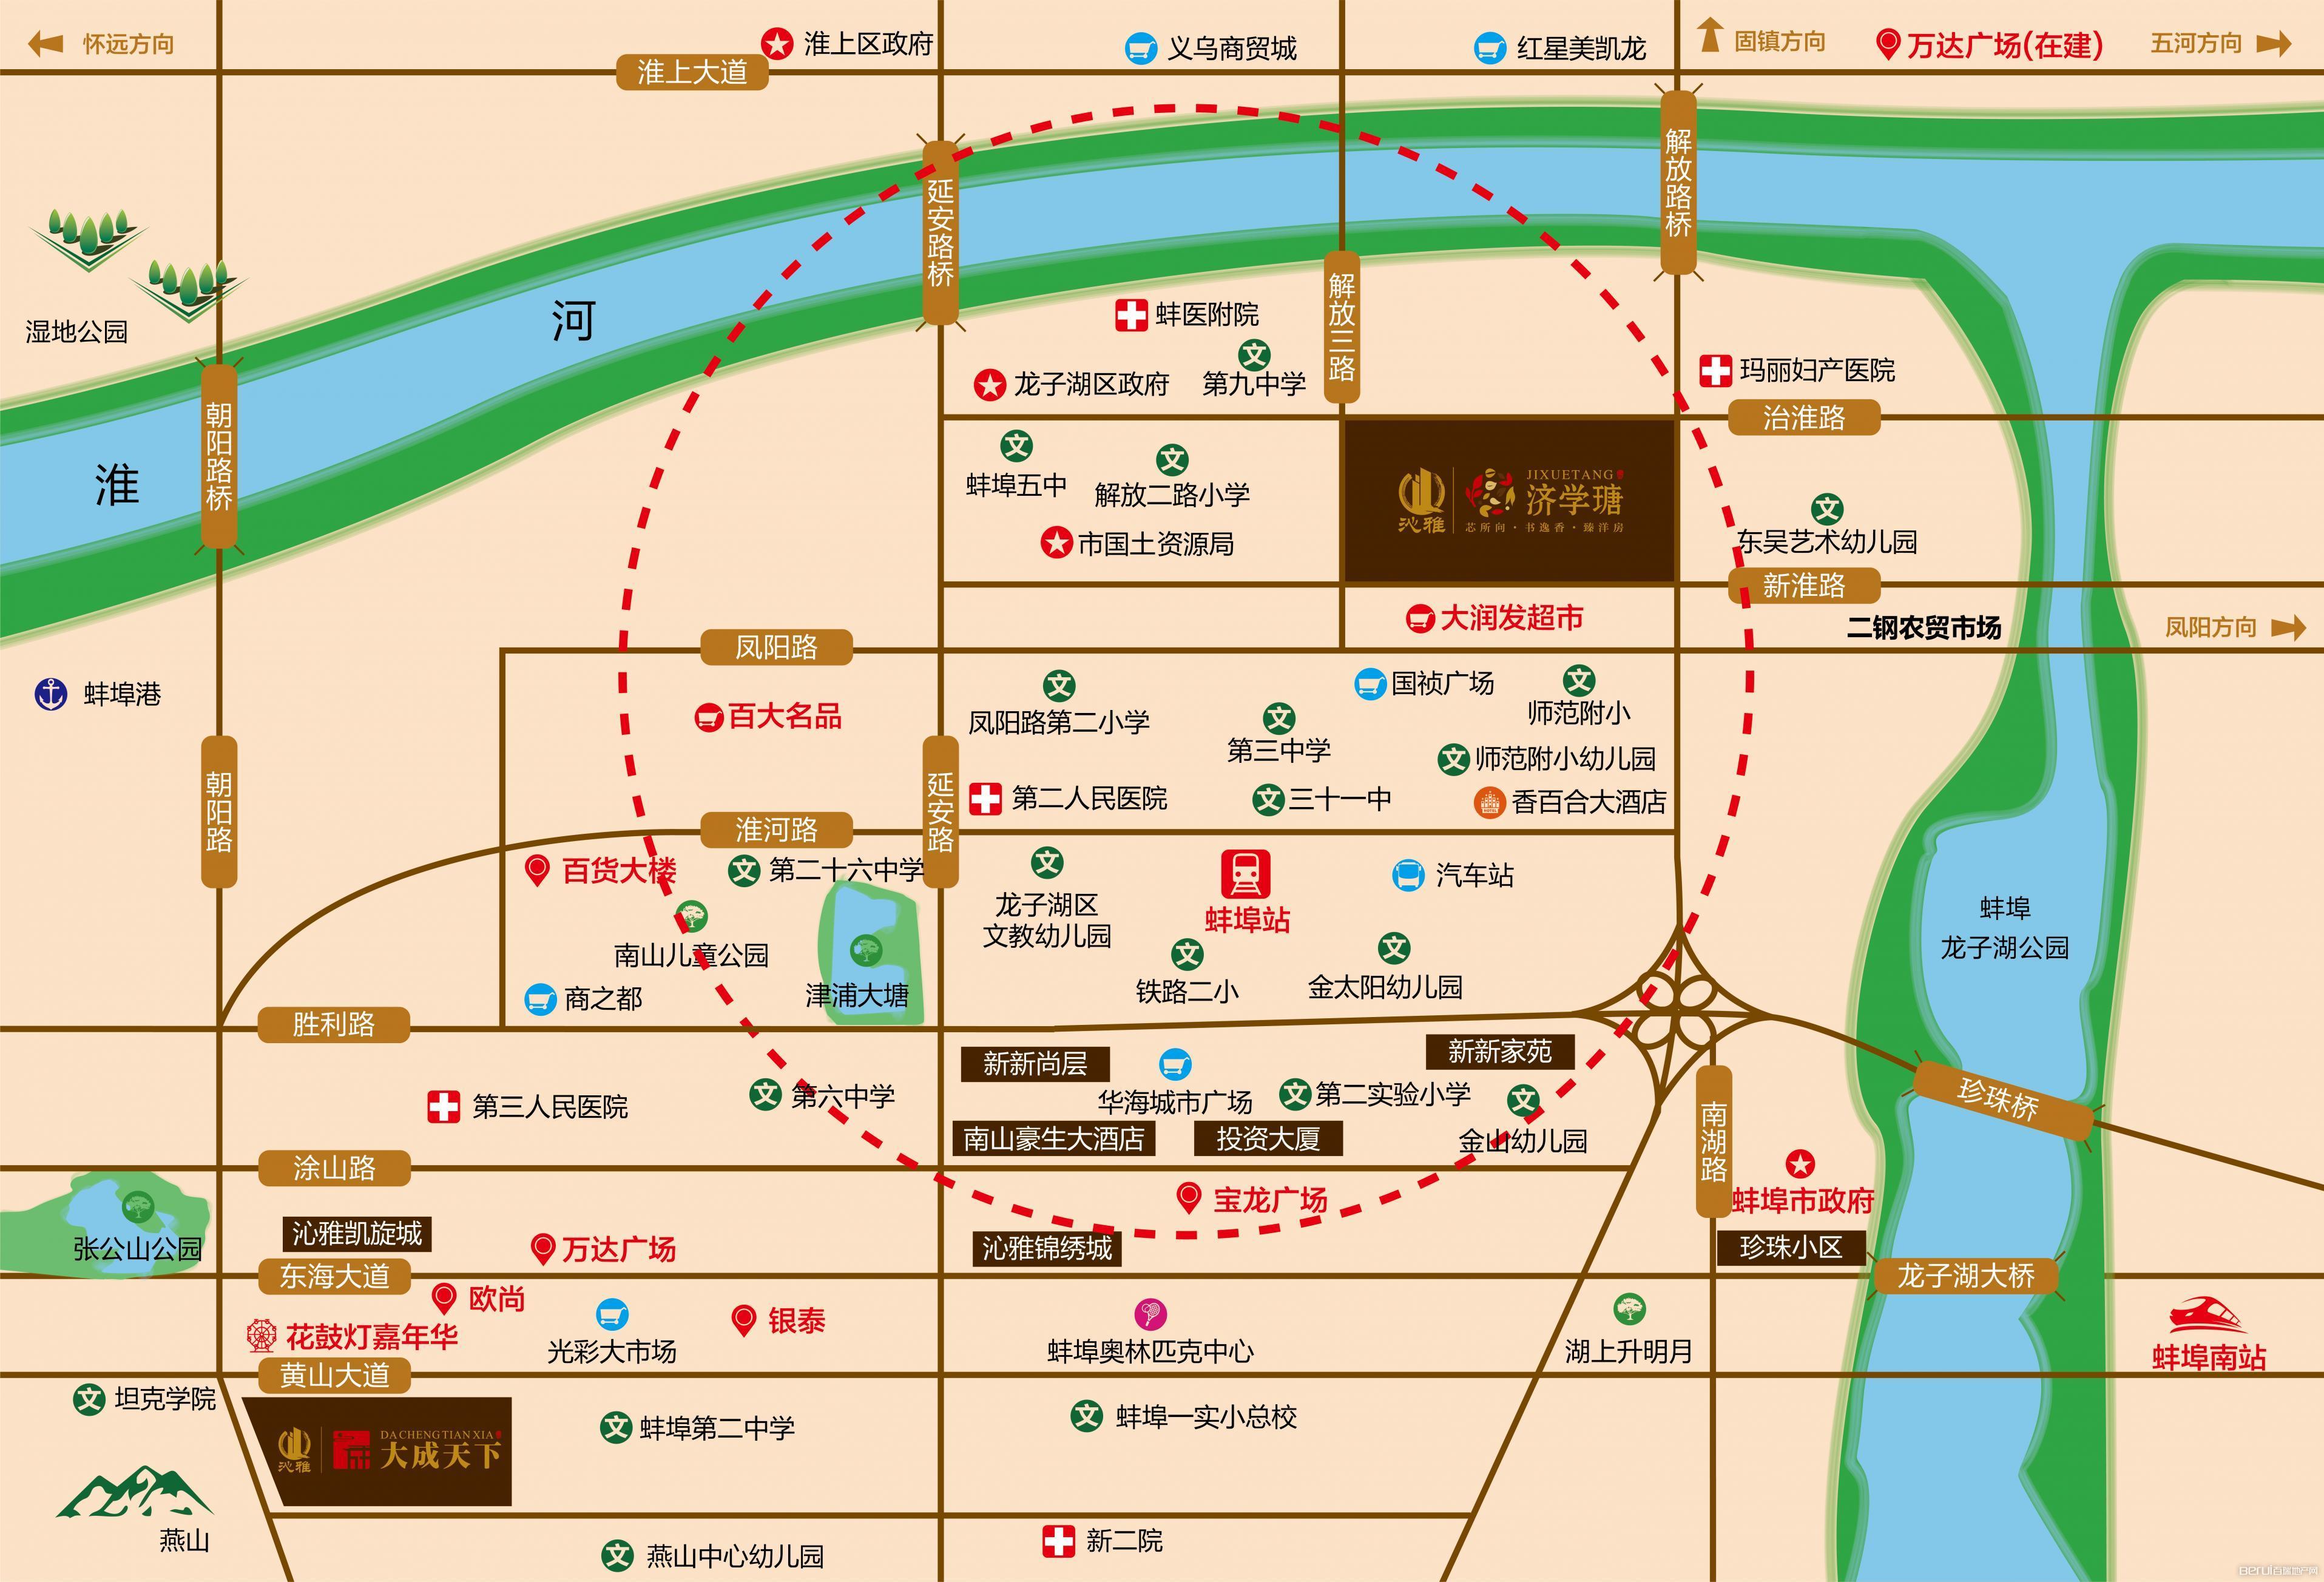 沁雅济学瑭交通图